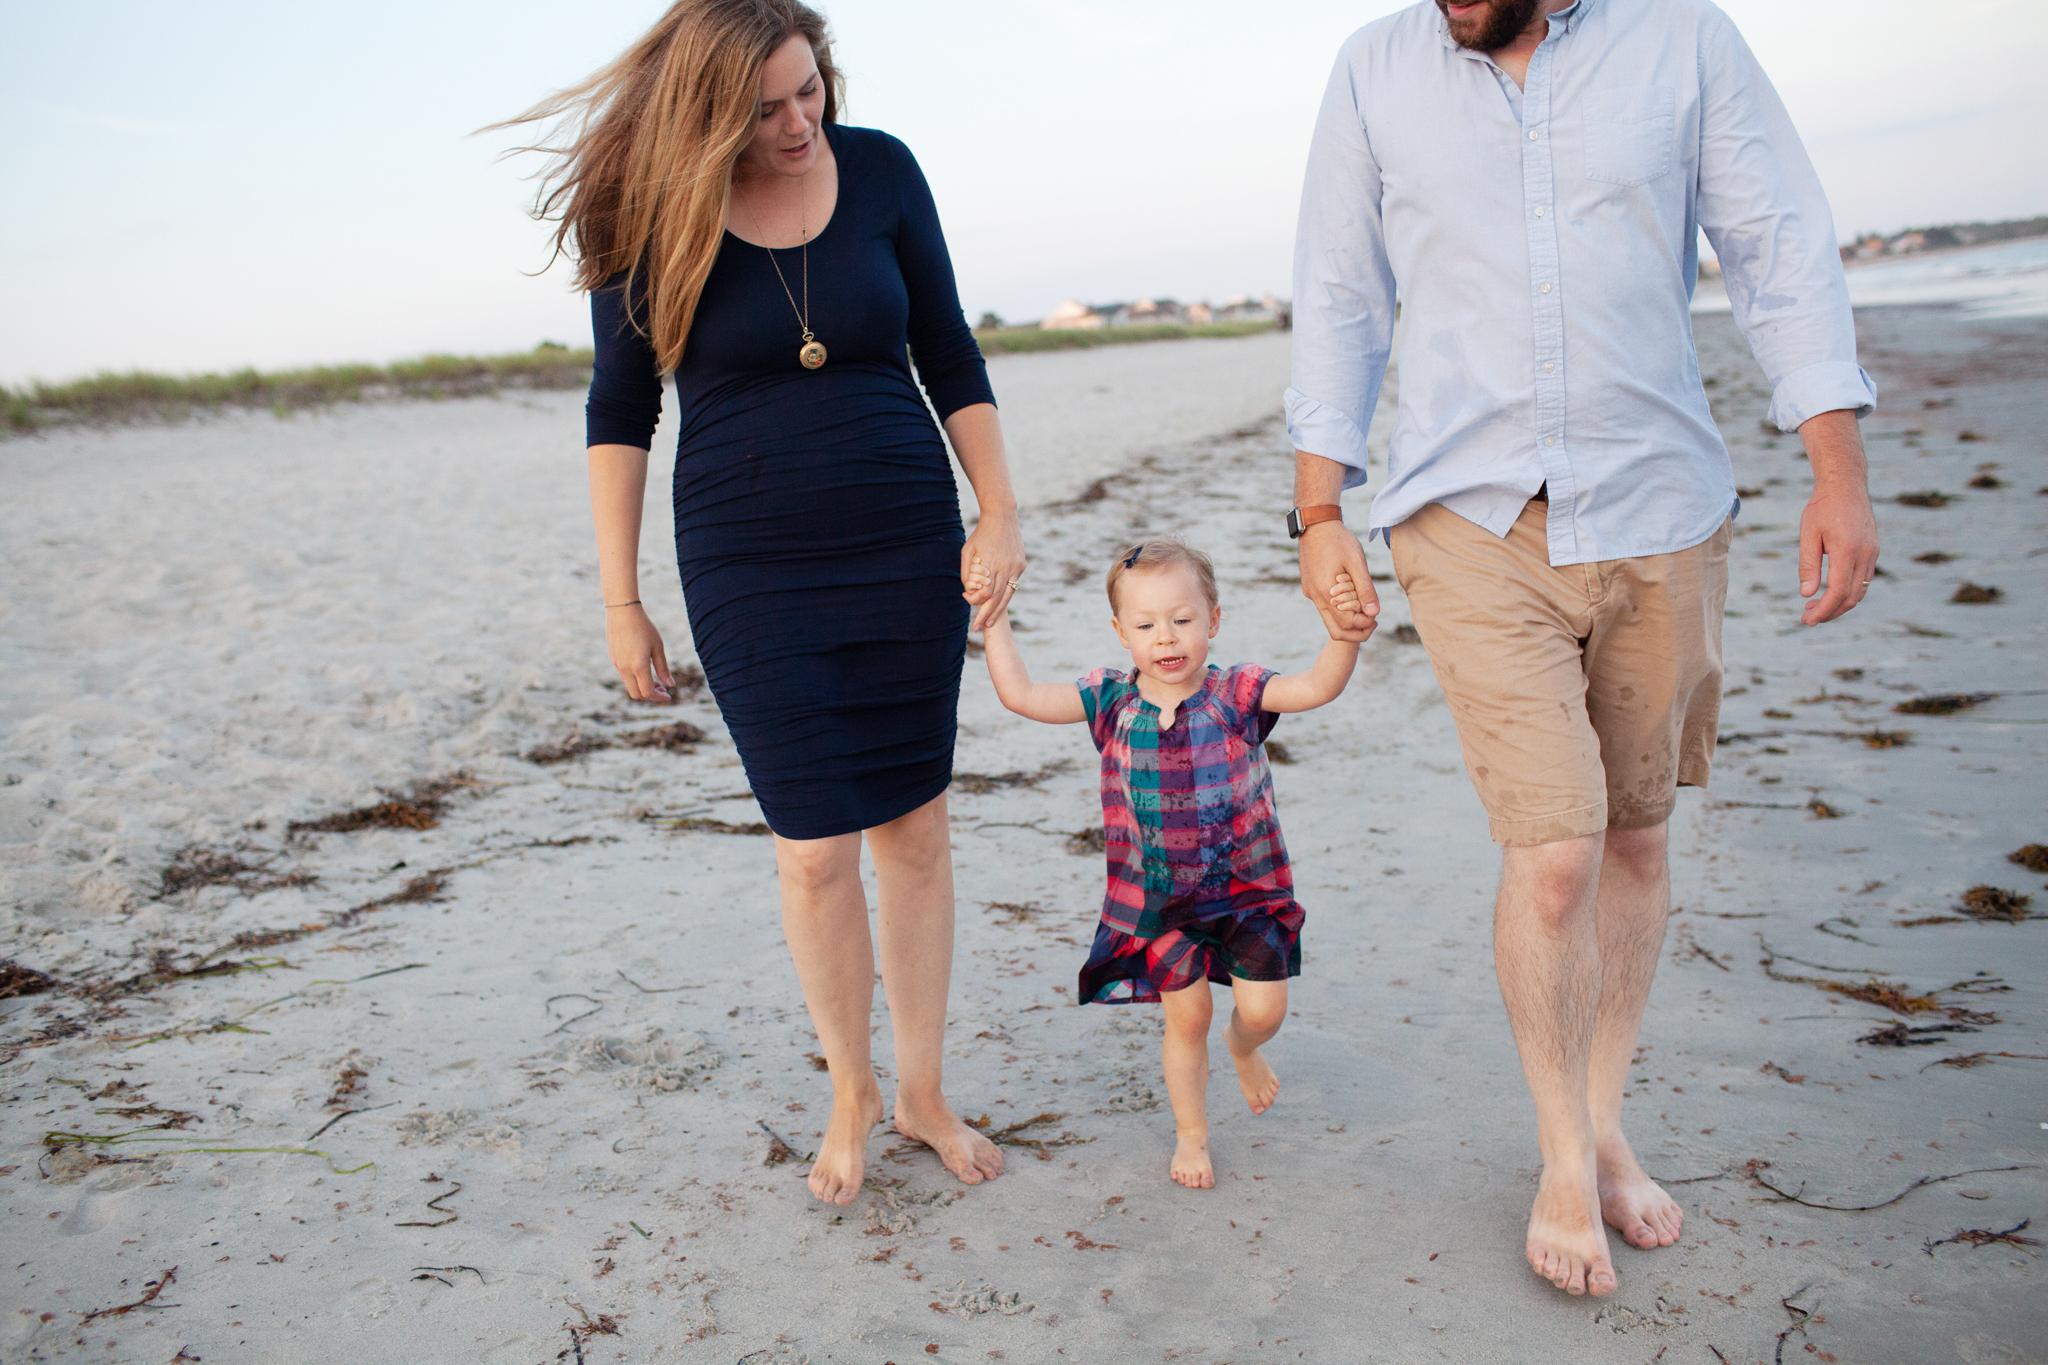 maine-family-photography-pine-point- beach-117.jpg